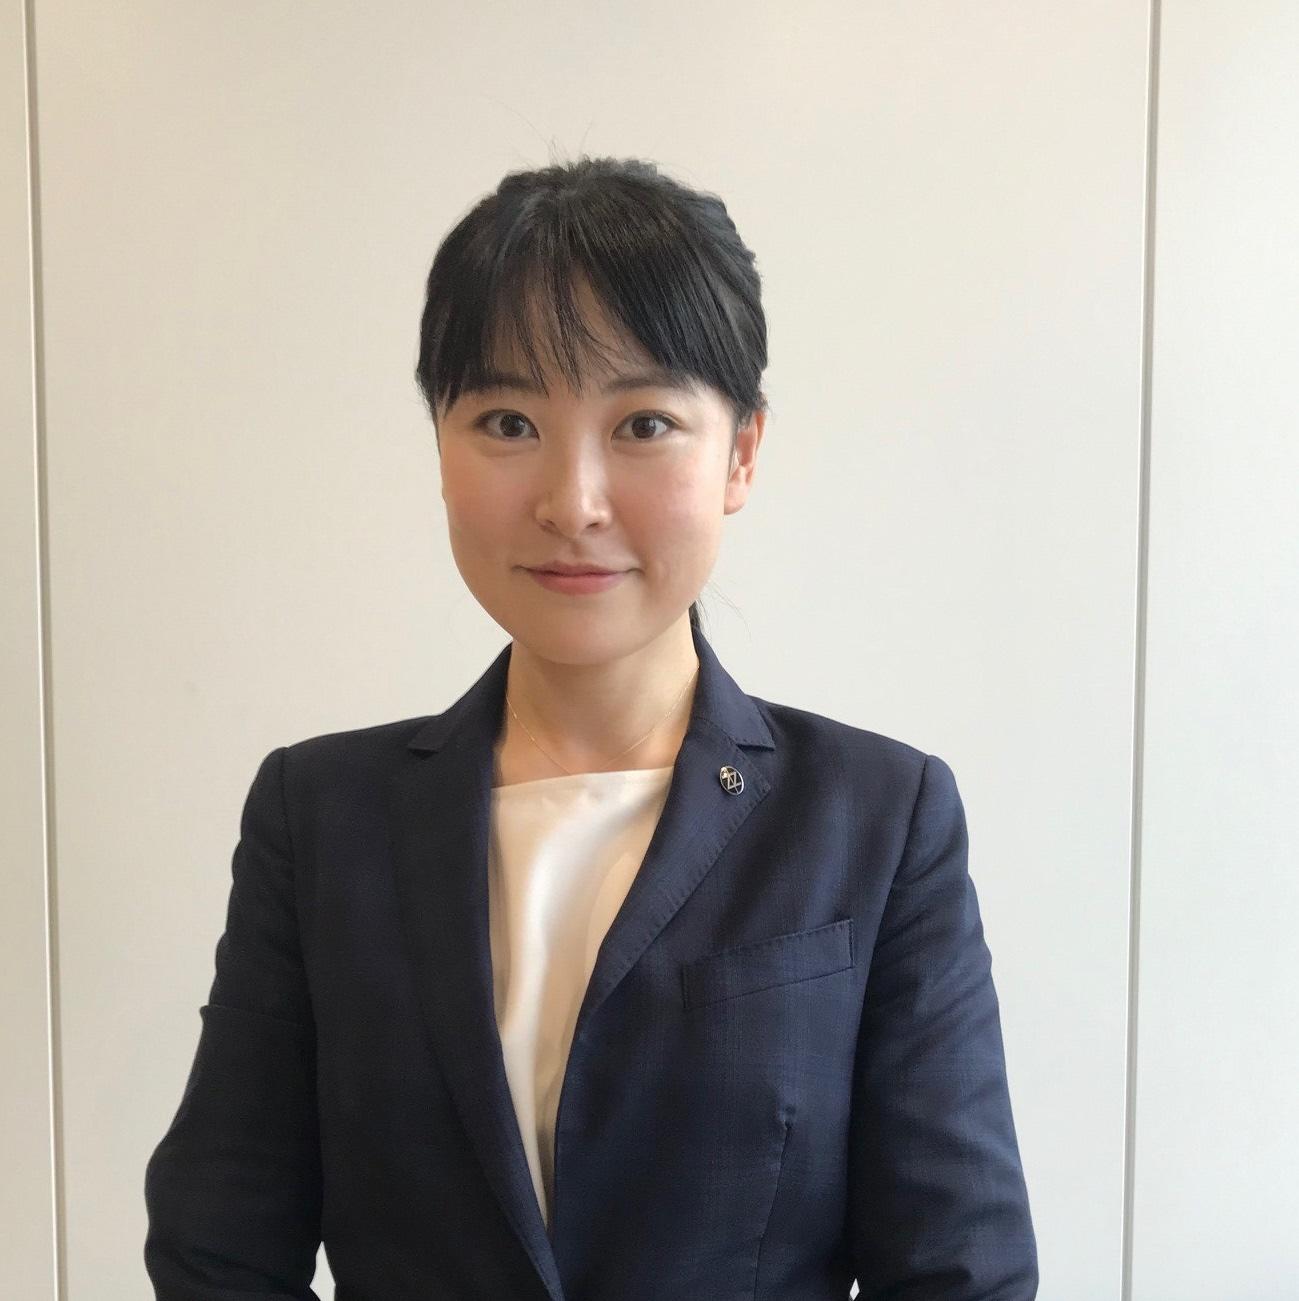 新潟日報社 広告局 広告部 佐藤 あずさ さん<